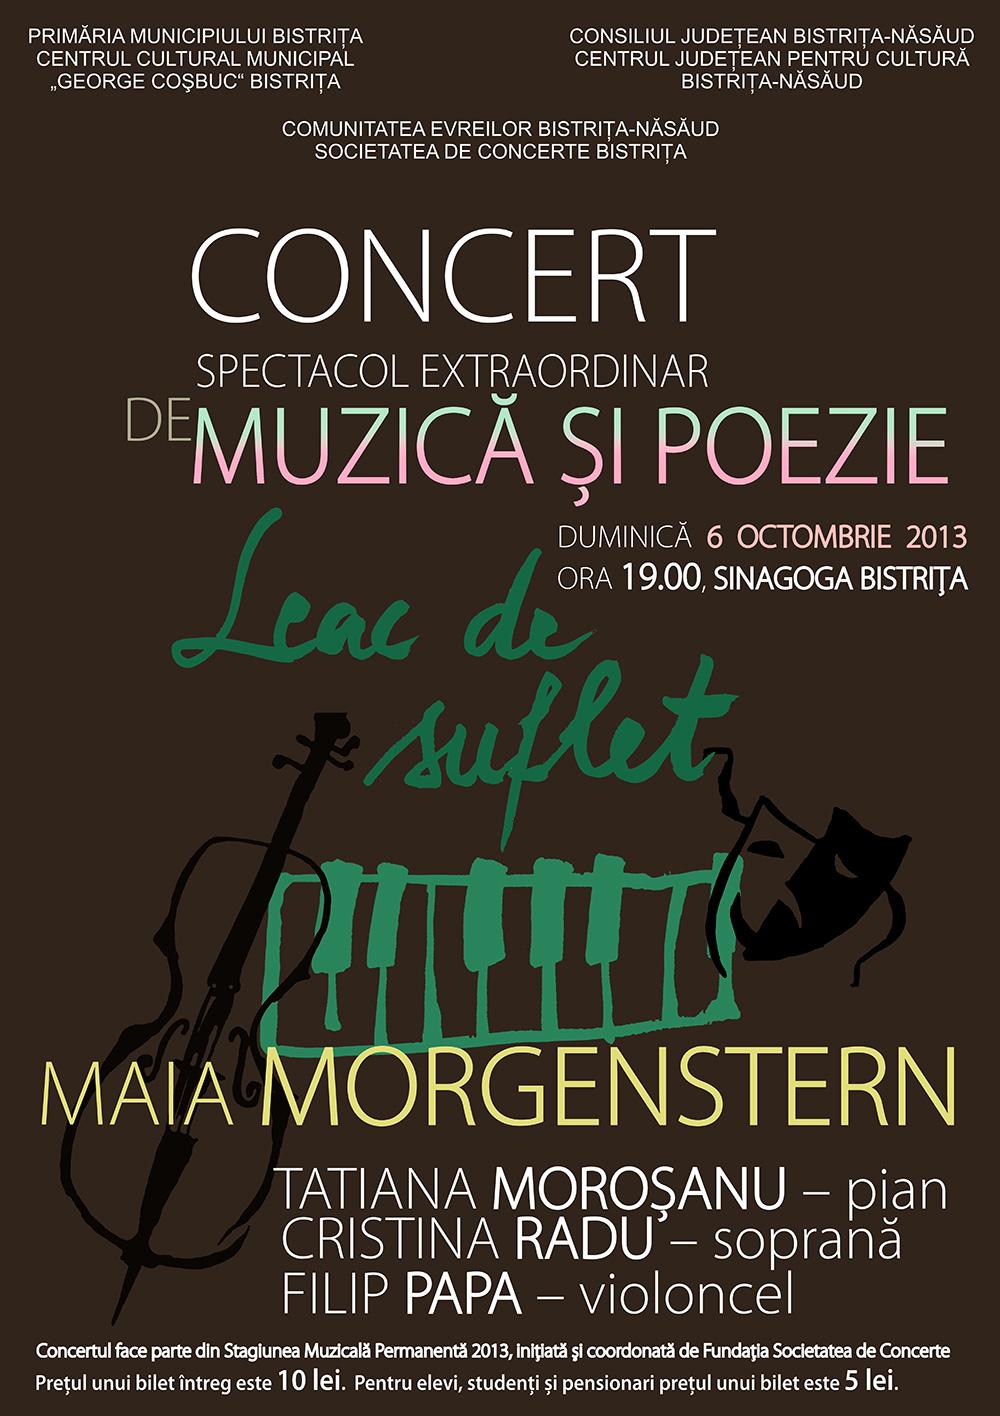 Poster concert Leac de suflet